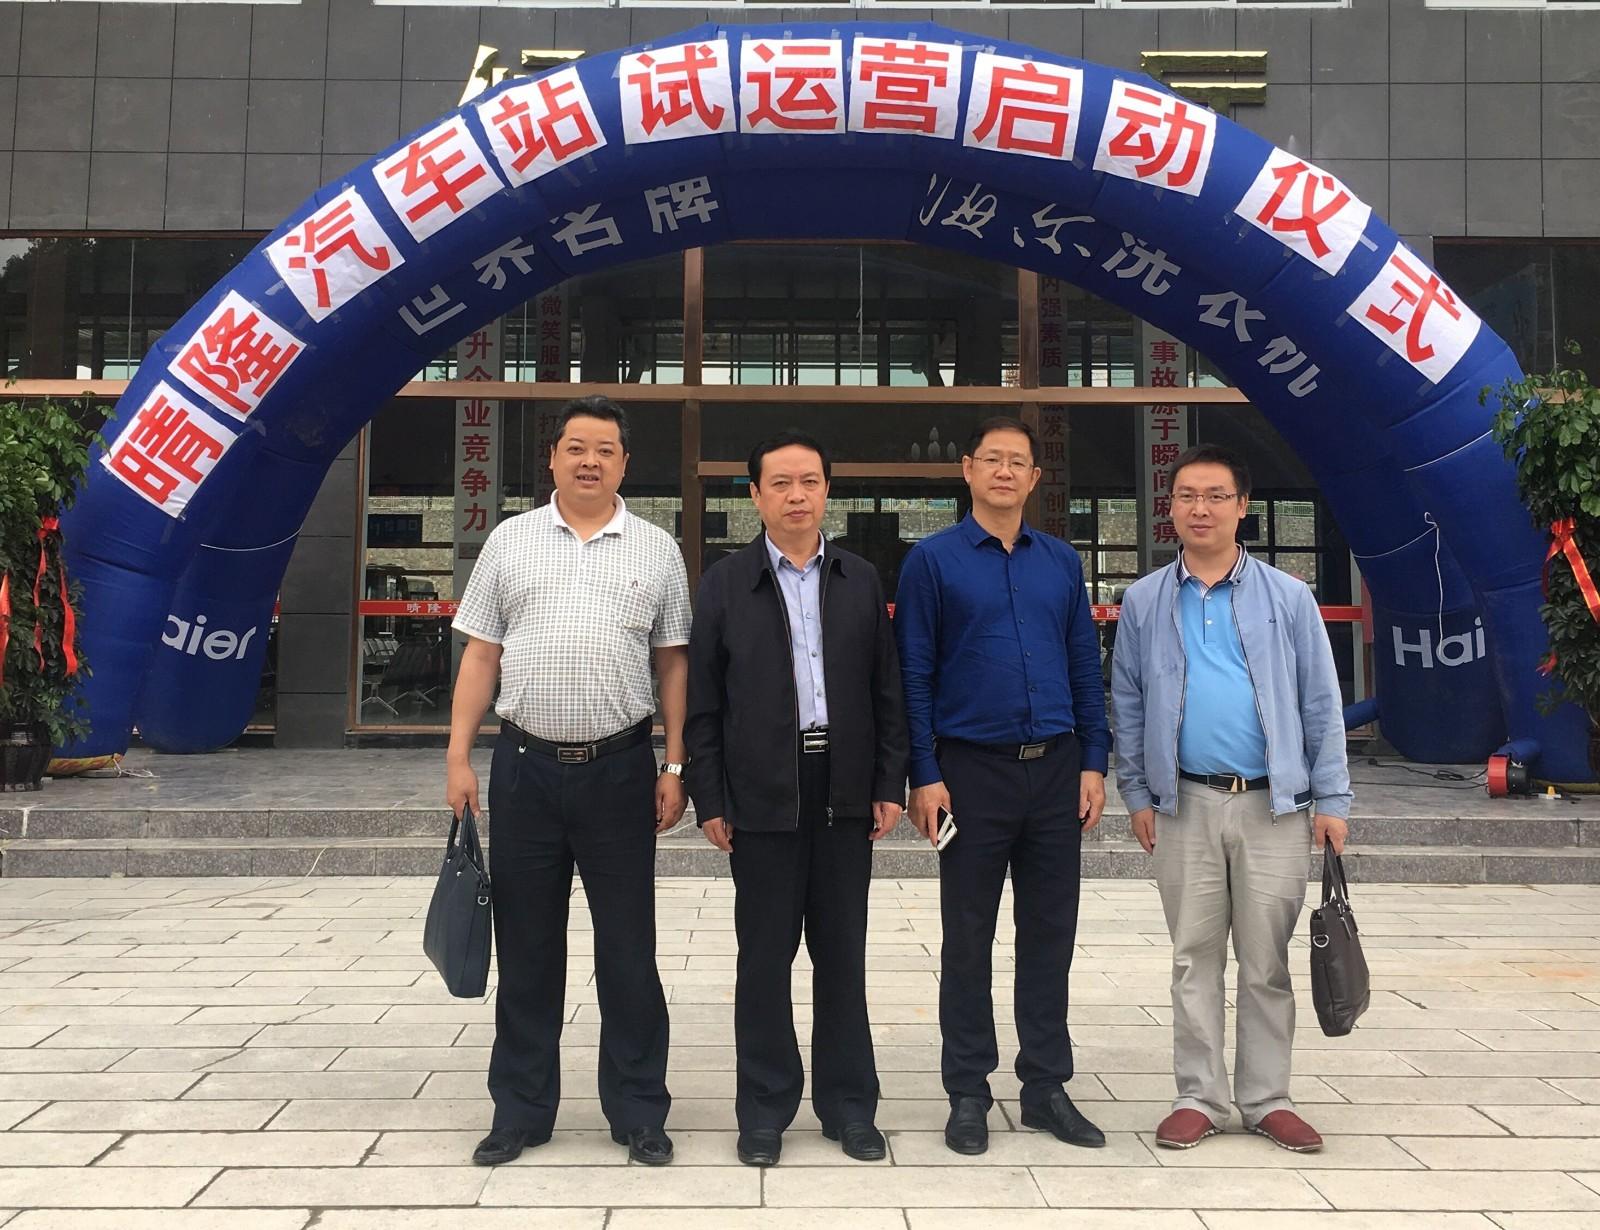 热烈祝贺贵州省兴义市汽车运输总公司晴隆汽车站顺利开业